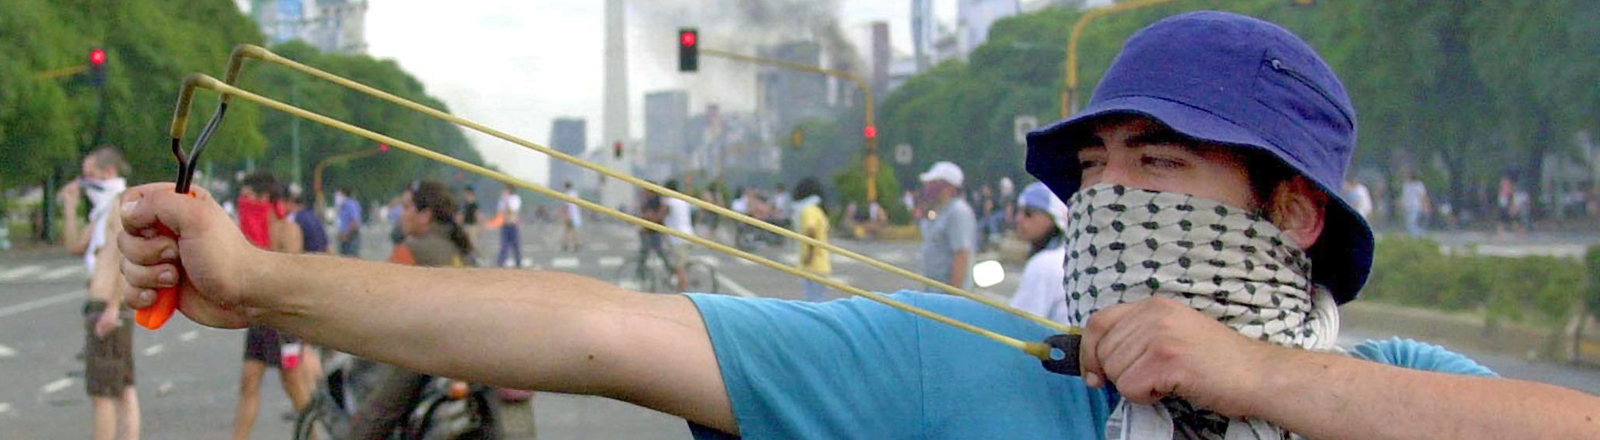 Ein vermummter Demonstrant zielt während einer Anti-Regierungs-Demonstration am 20.12.2002 in Buenos Aires mit seiner Schleuder auf Polizisten.